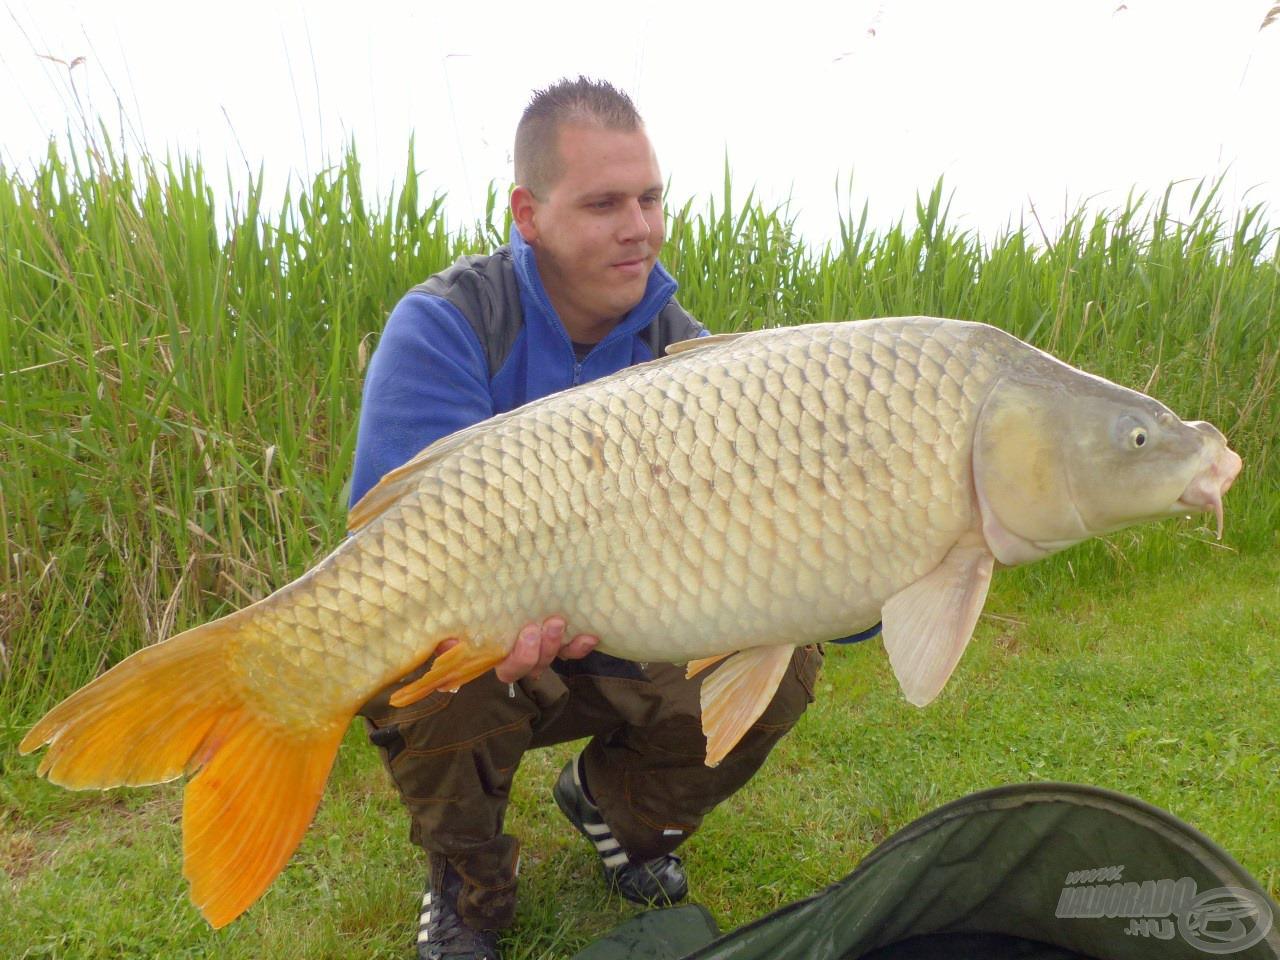 A horgászat koronáját jelentette ez a gyönyörű, 14,16 kg-os tőponty